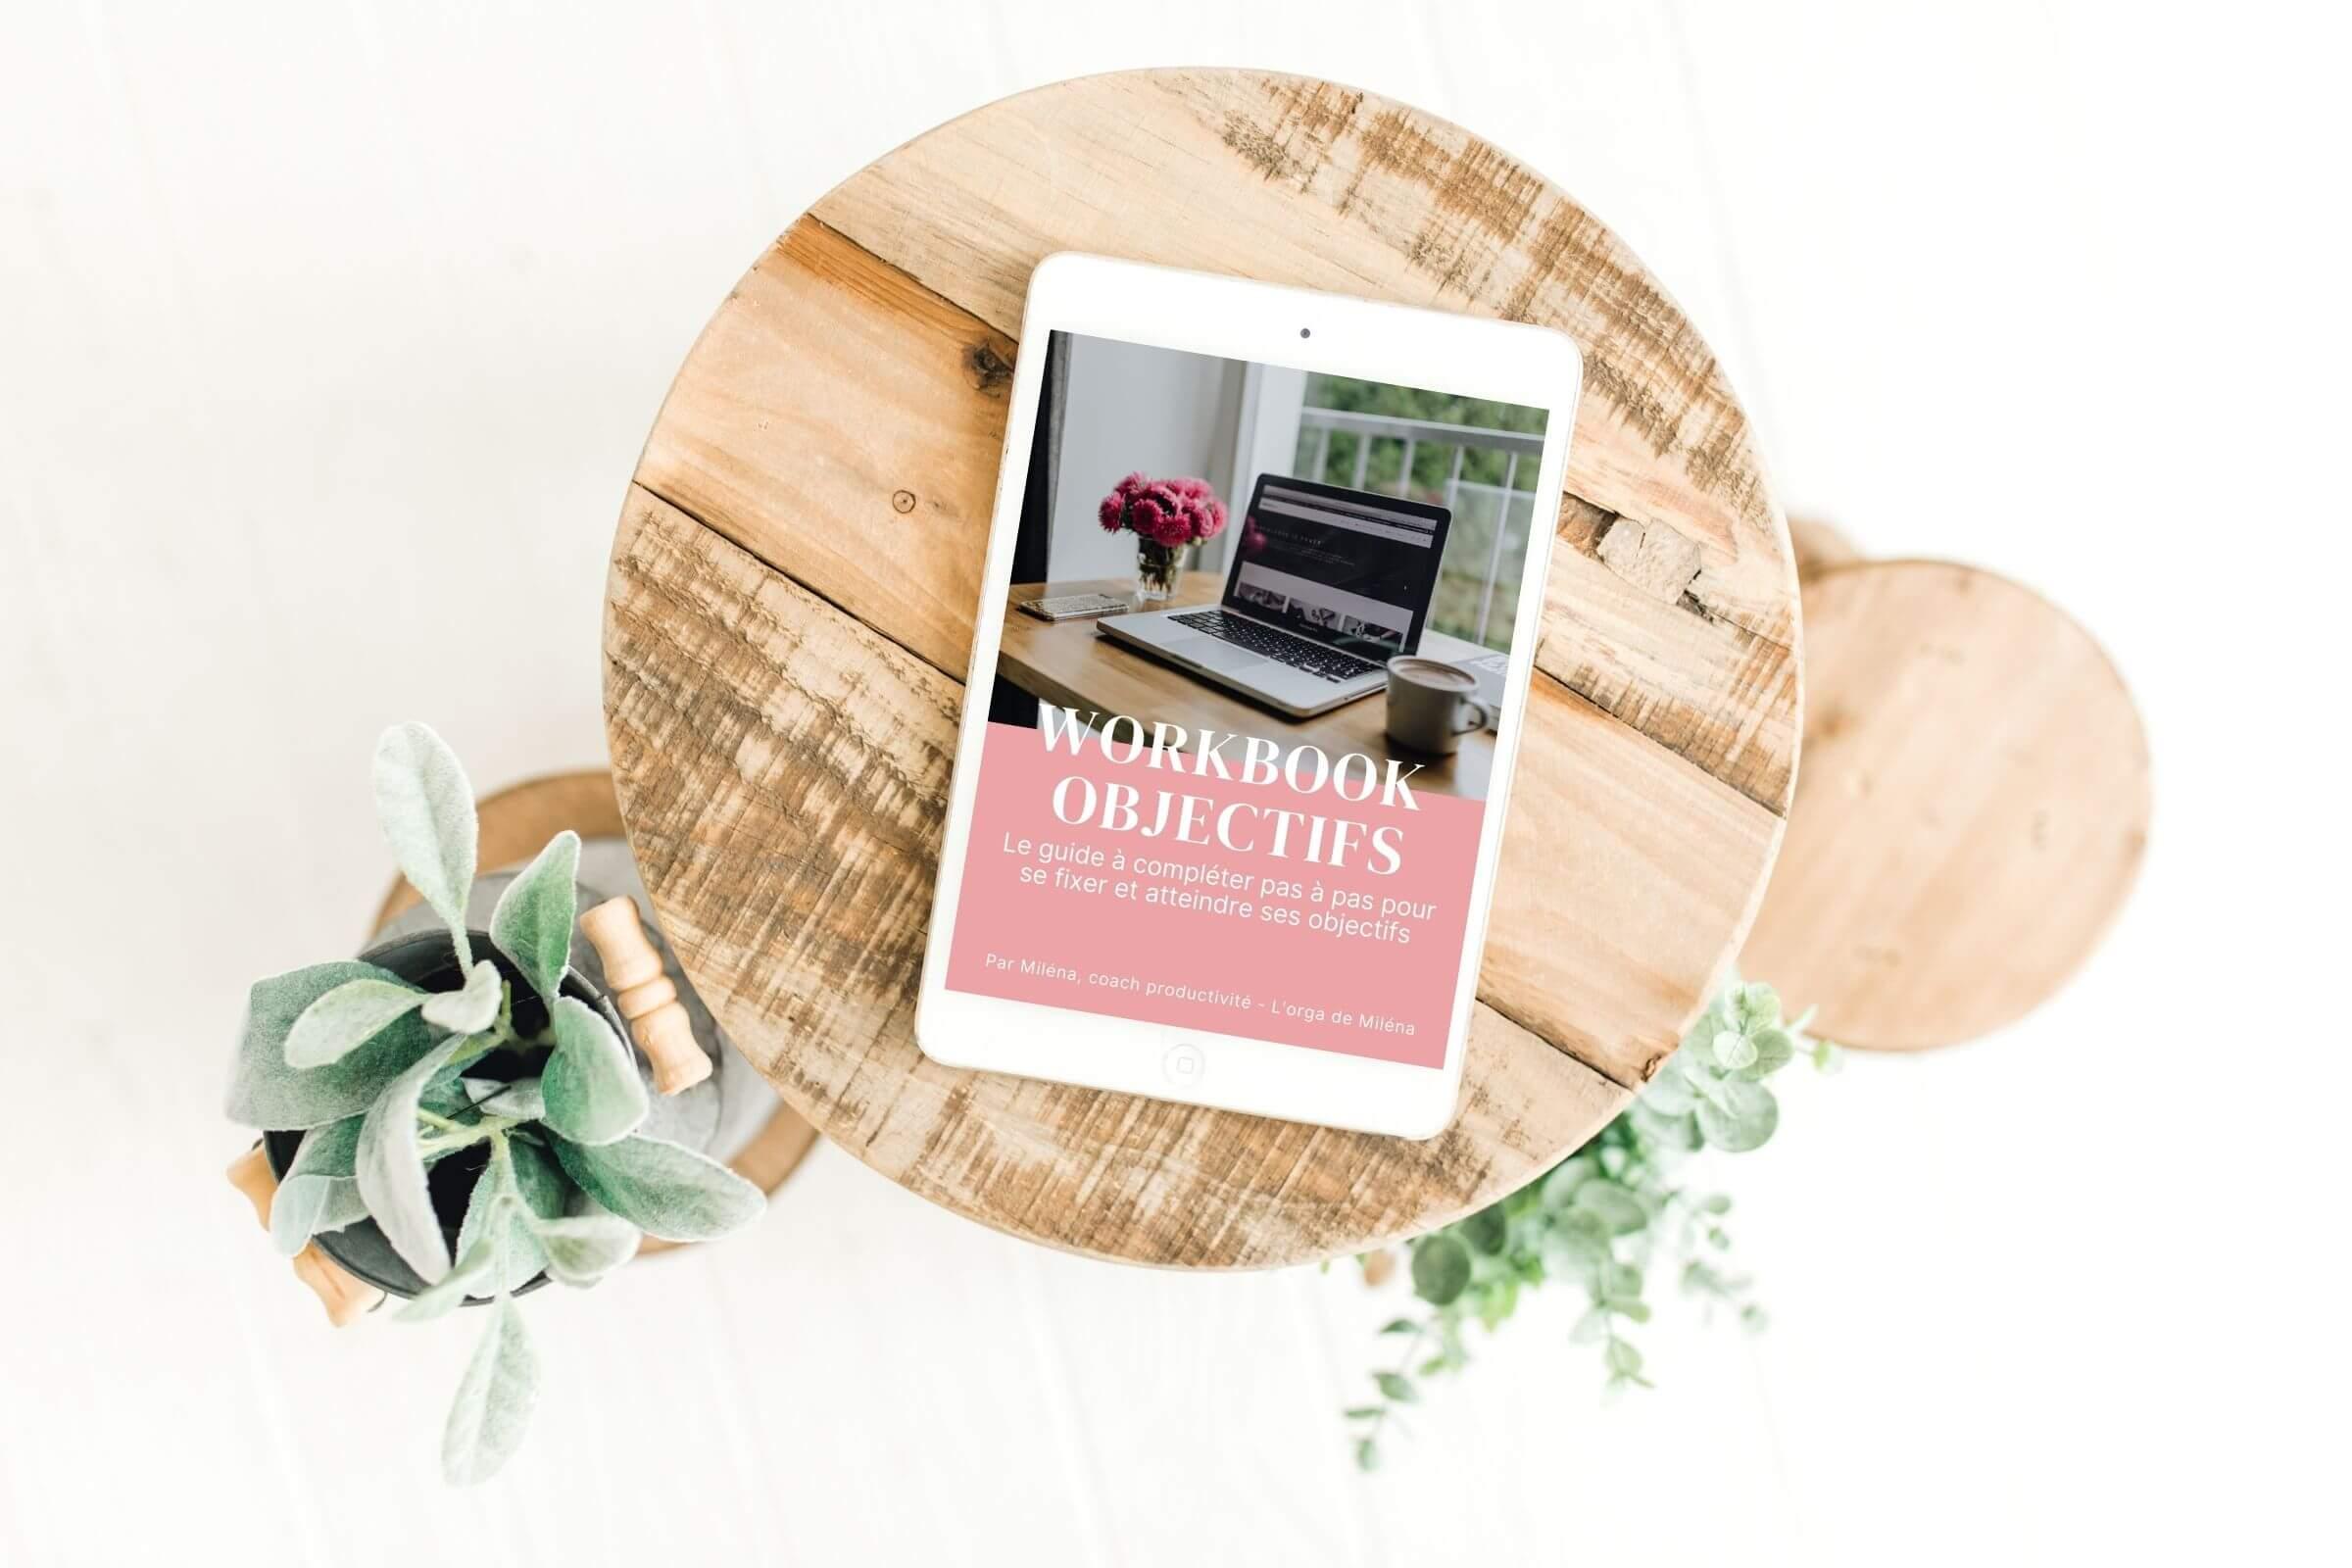 Workbook Objectifs à télécharger gratuitement